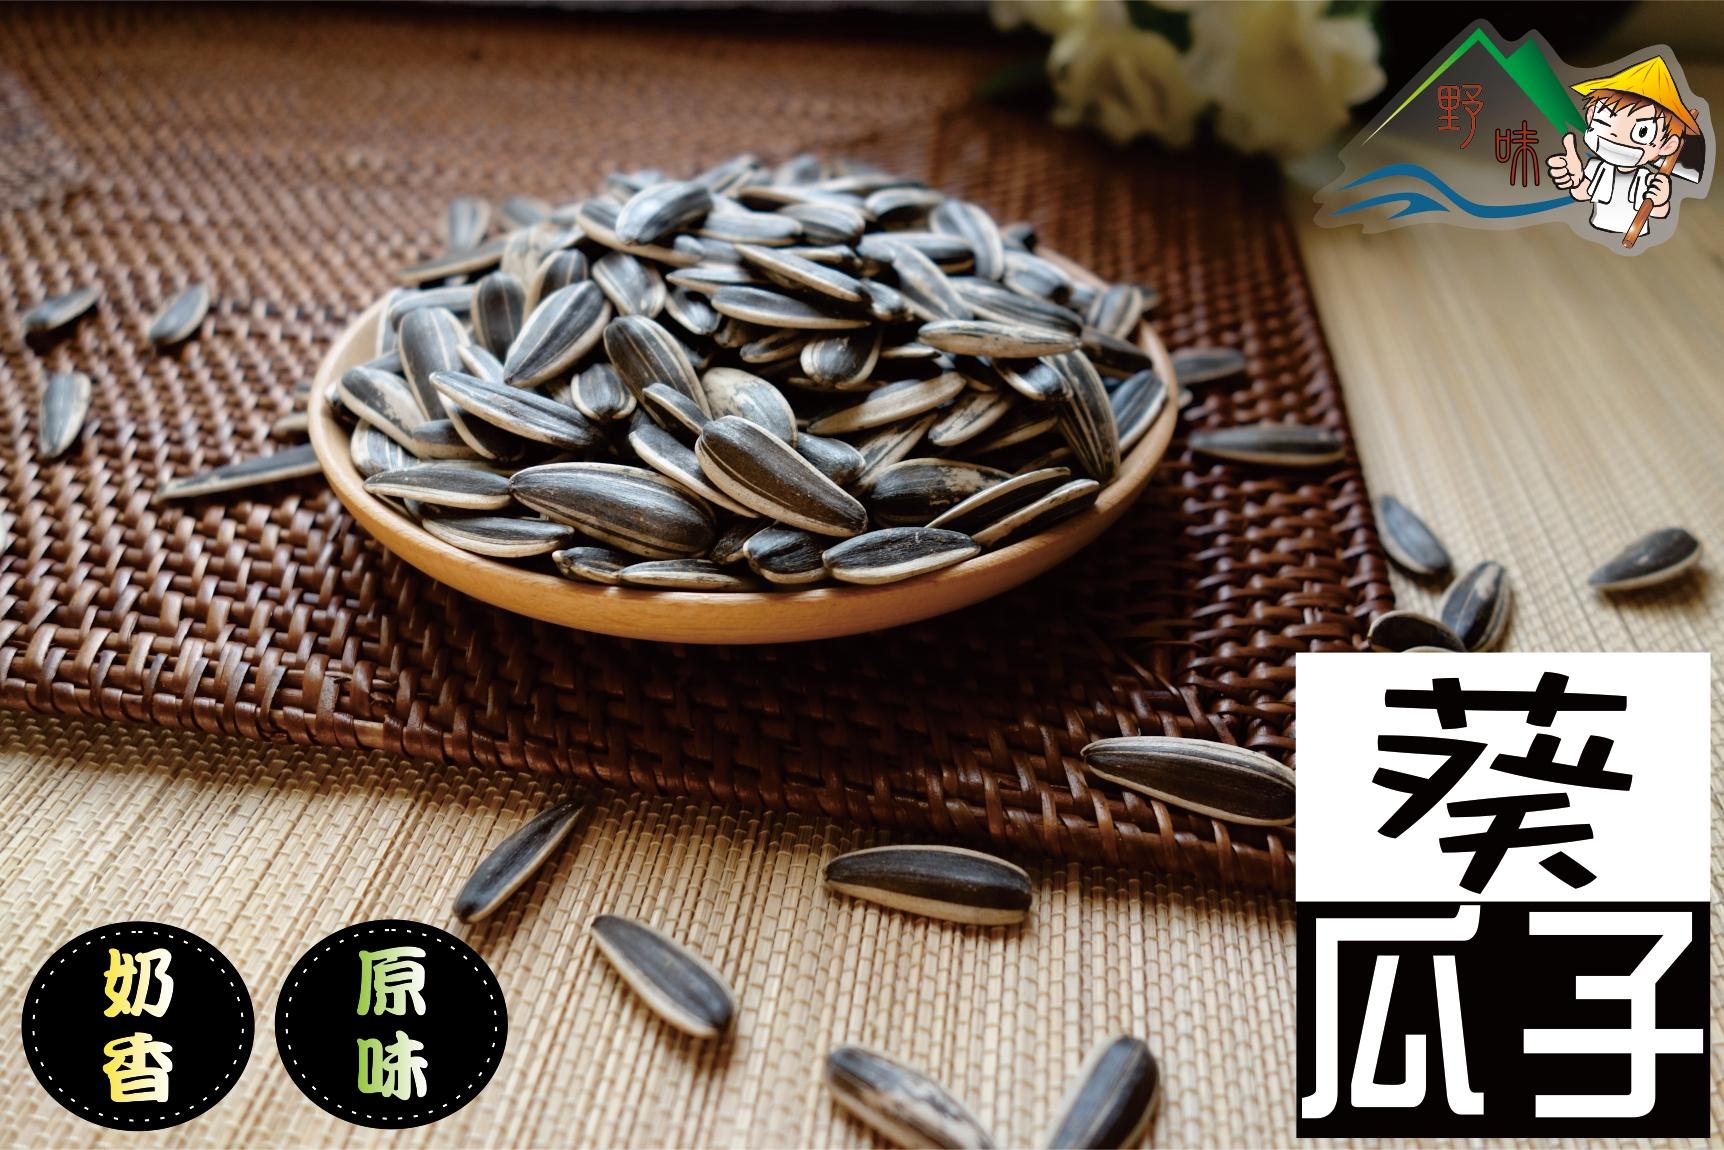 【野味食品】鄭美香 葵瓜子(原味、奶香兩種口味)125g/包,360g/包,,3000g/包